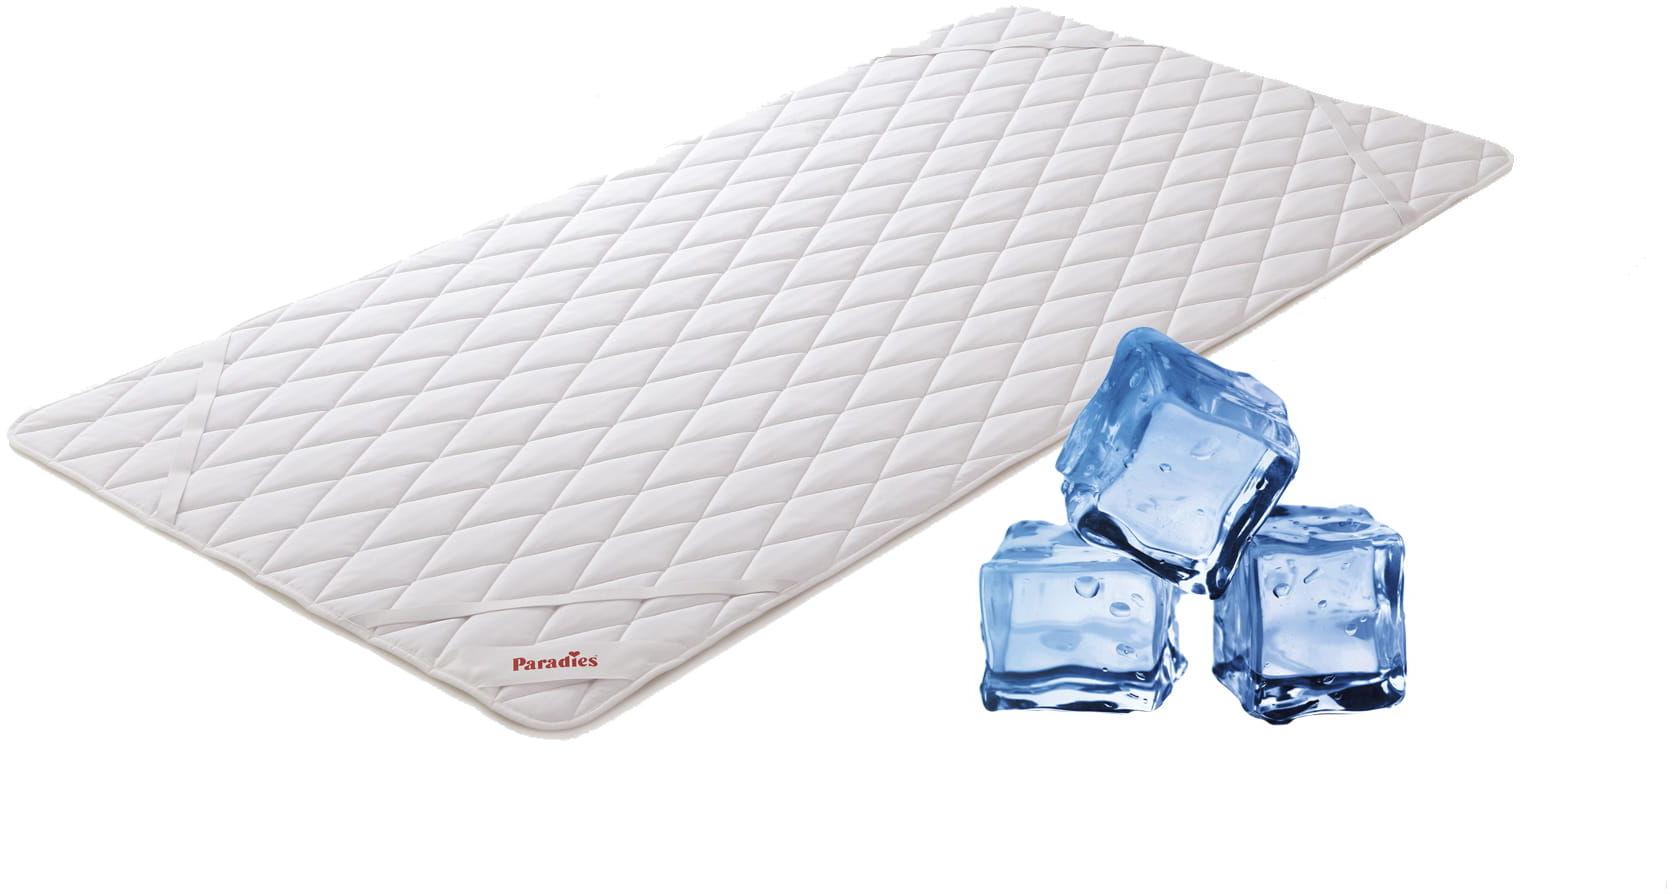 Nakładka chłodząca na materac 160x200 Paradies Pad Cool Comfort